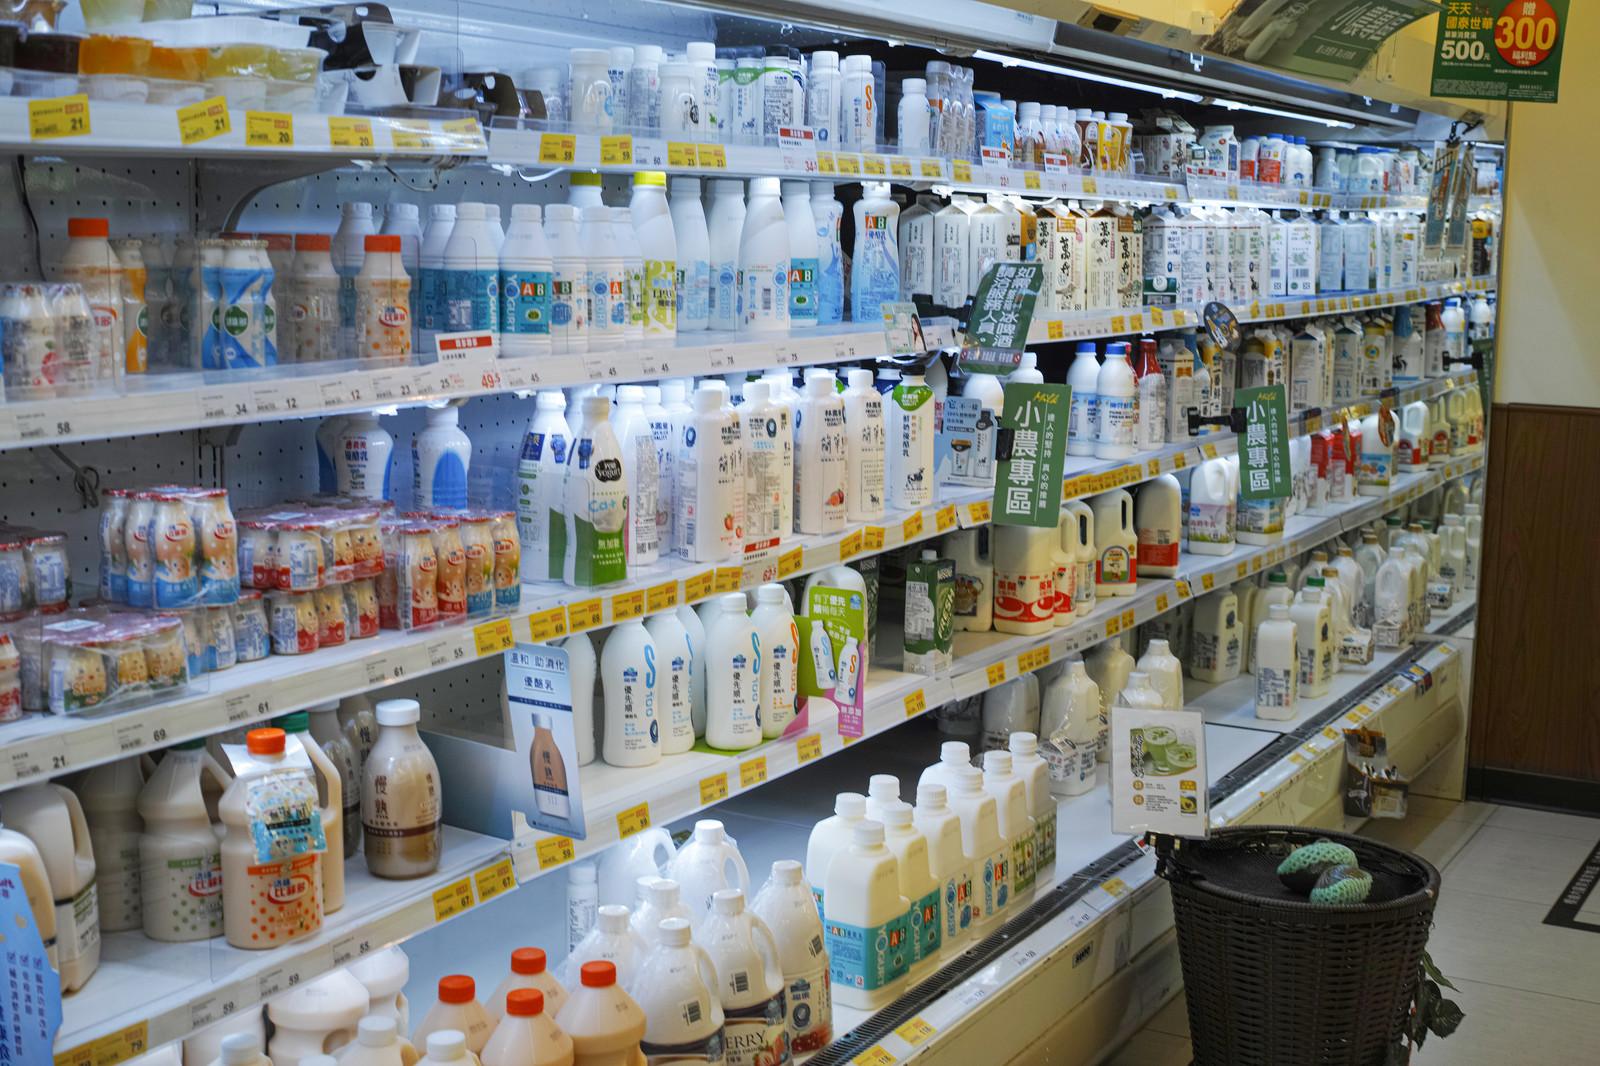 セイコーマートで人気のおすすめ商品35選!お弁当や限定物など盛りだくさん!